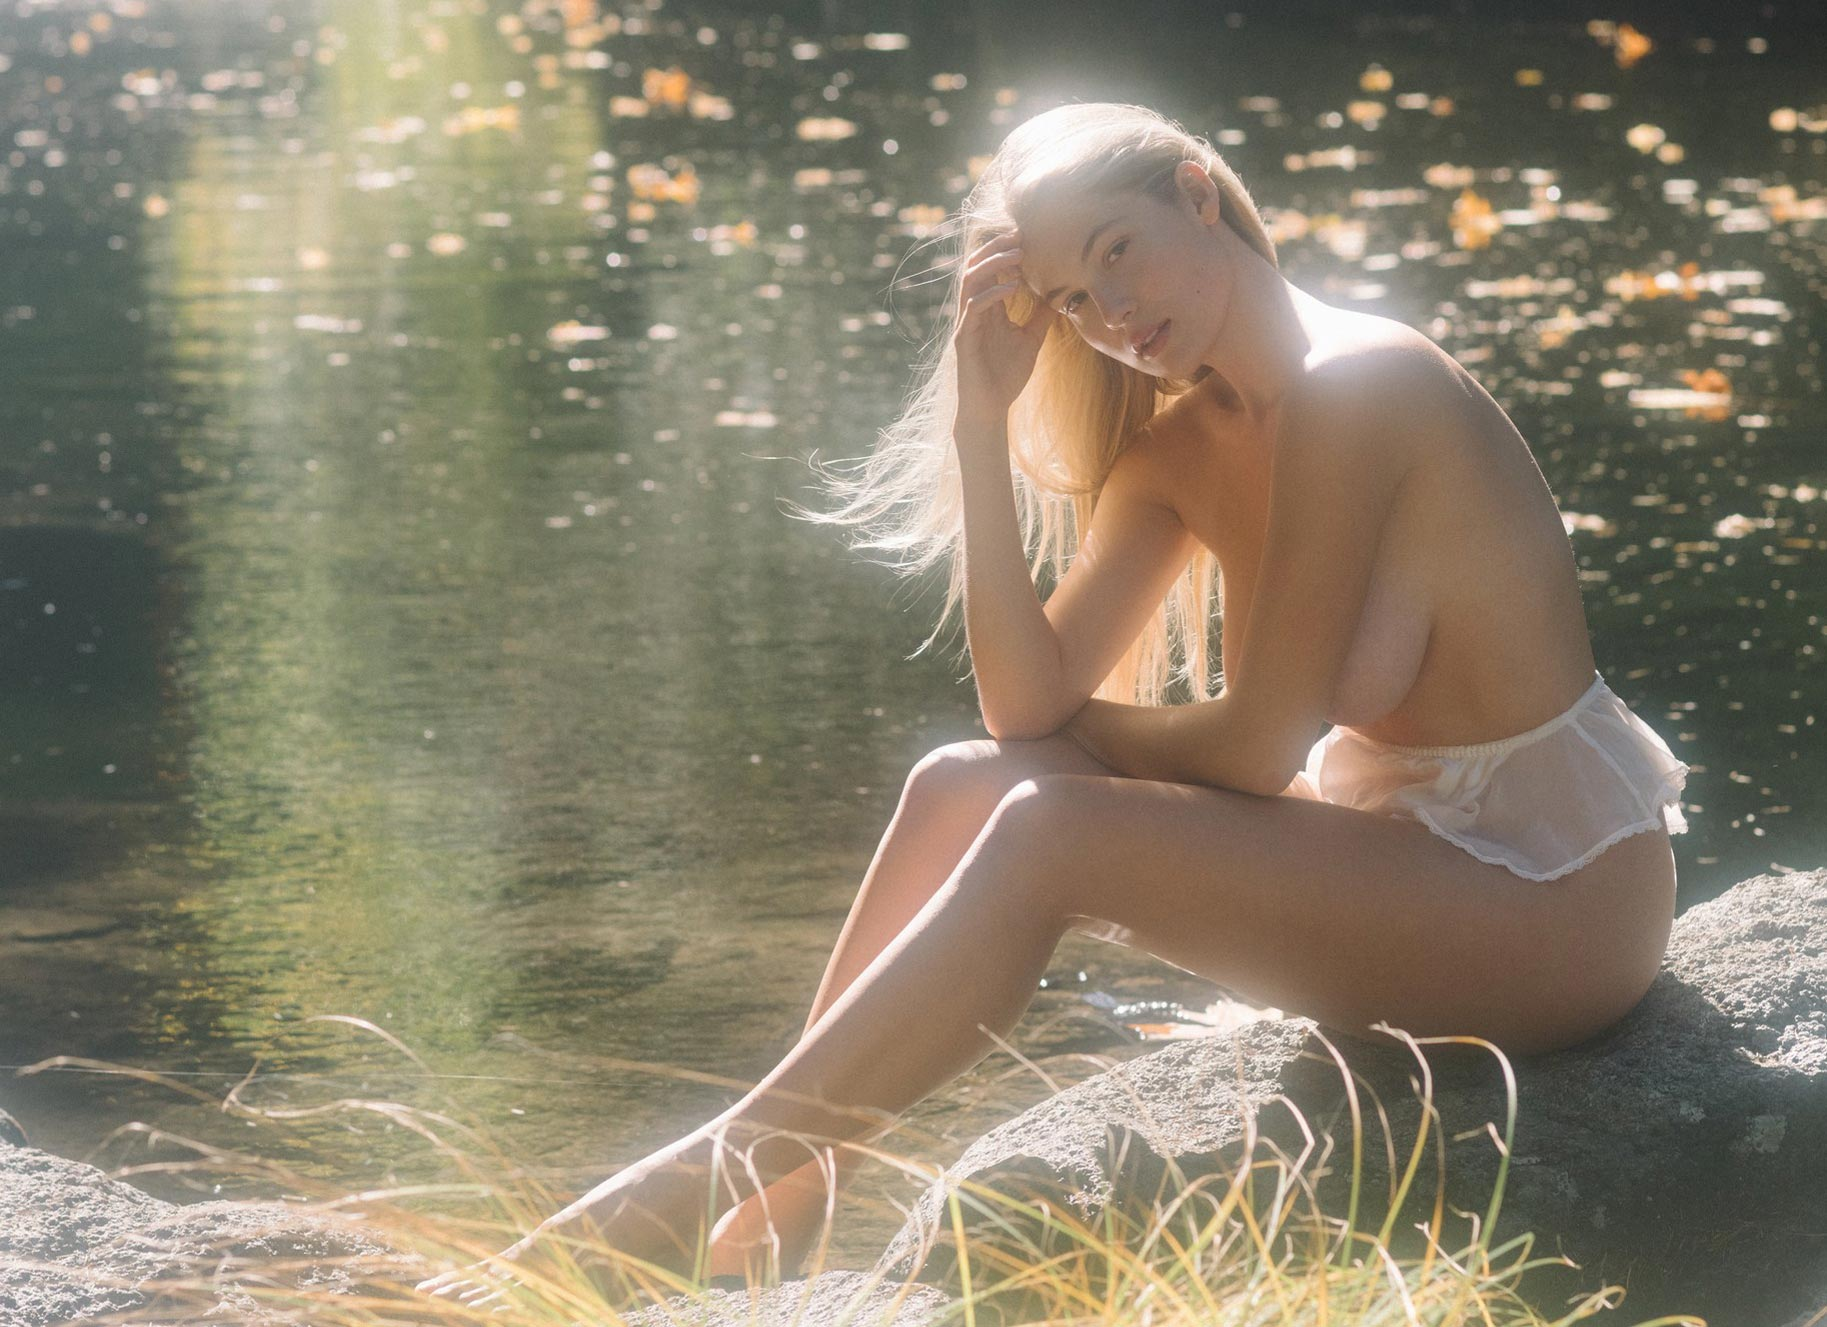 Меган Мур - Девушка месяца февраль 2019 Playboy США / фото 01